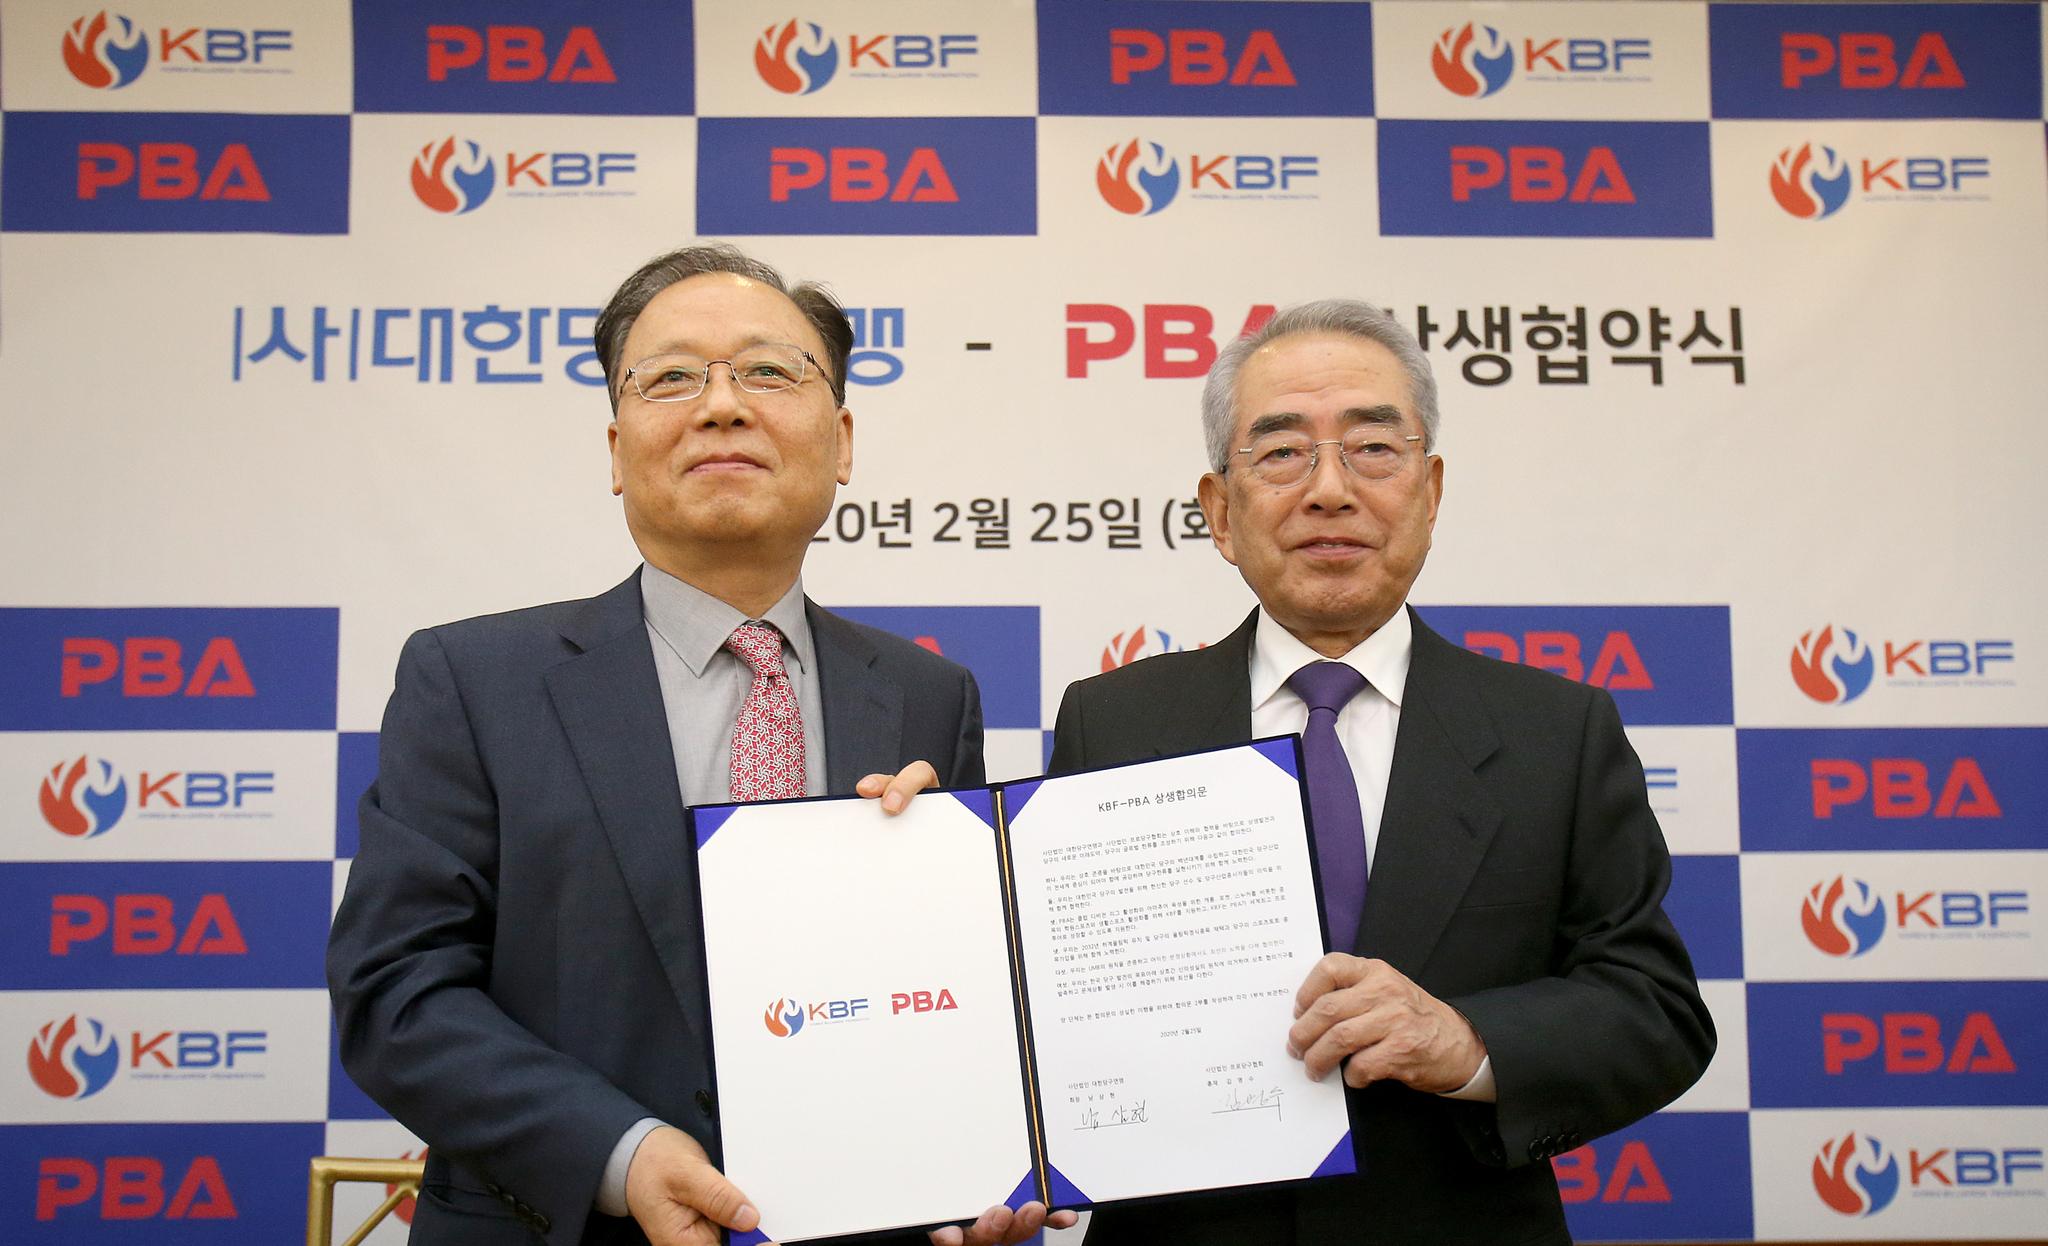 25일 프로 아마추어 상생을 위한 협약을 체결한 남삼현 KBF 회장과 김영수 PBA 총재. [사진 PBA]